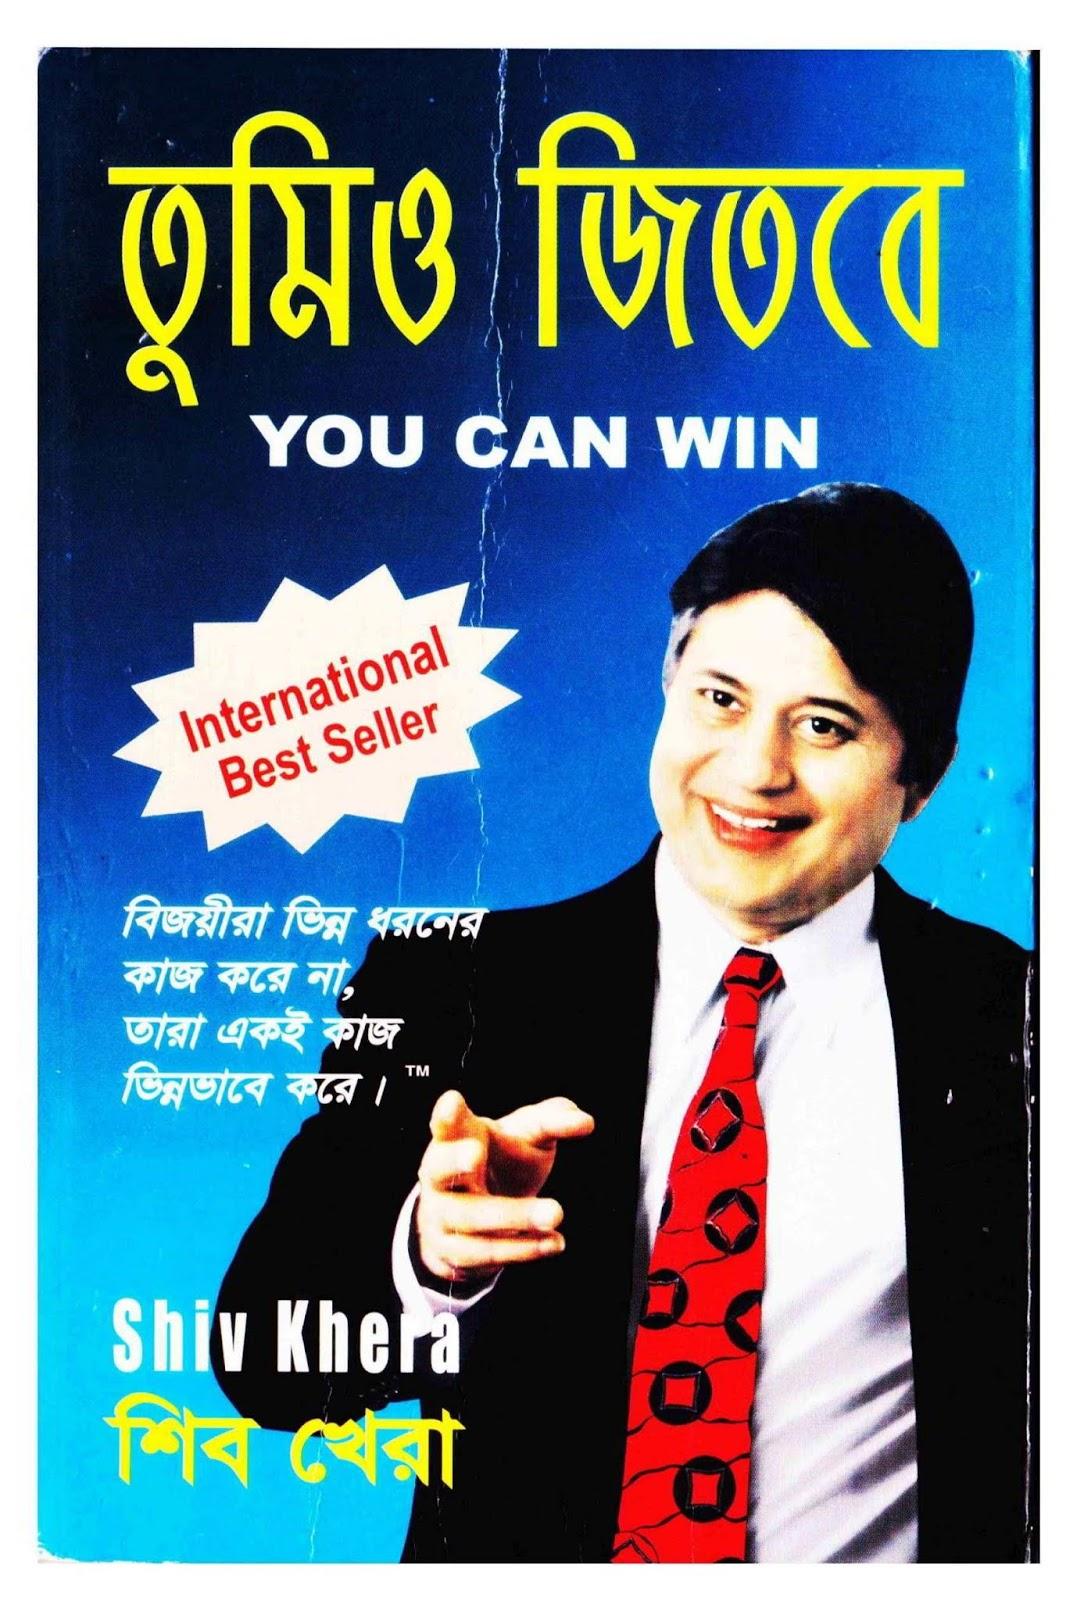 তুমিও জিতবে pdf Download -You Can Win pdf |মোটিভেশনাল বই pdf download |অনুপ্রেরণার বই pdf |বাংলা মোটিভেশনাল বই